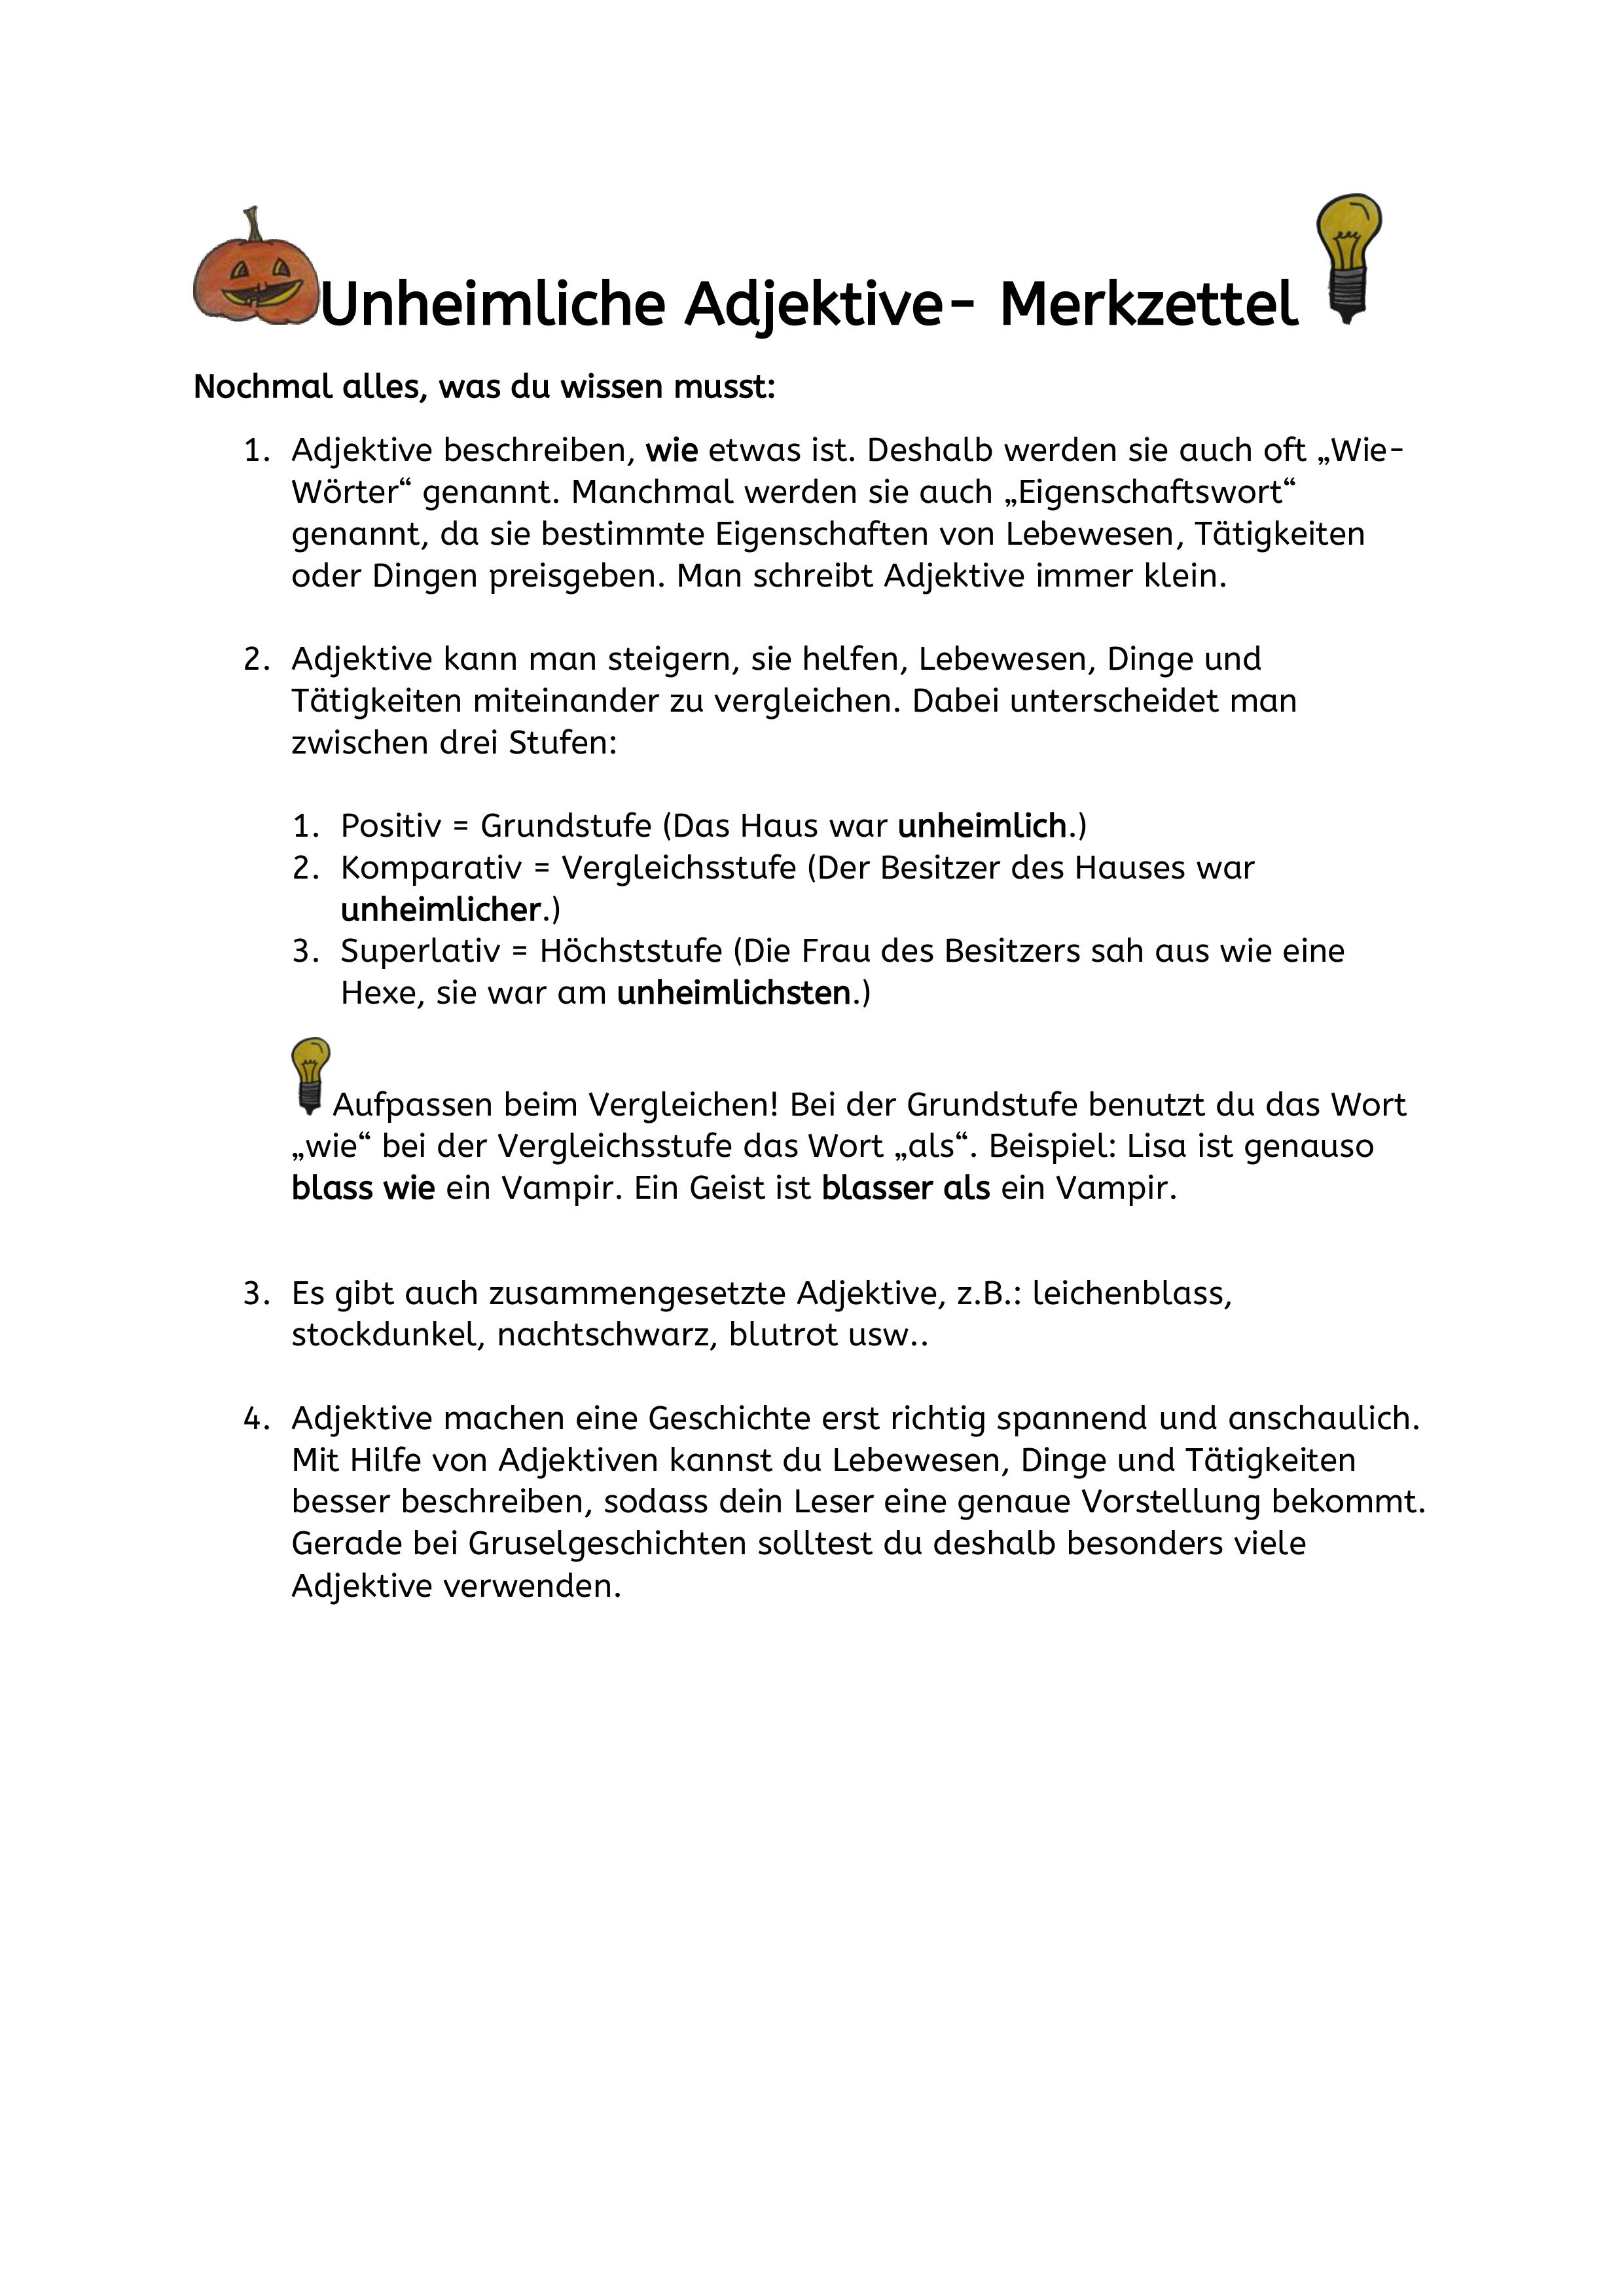 Unheimliche Adjektive Unterrichtsmaterial Im Fach Deutsch In 2020 Adjektive Deutsch Unterricht Eigenschaftsworter